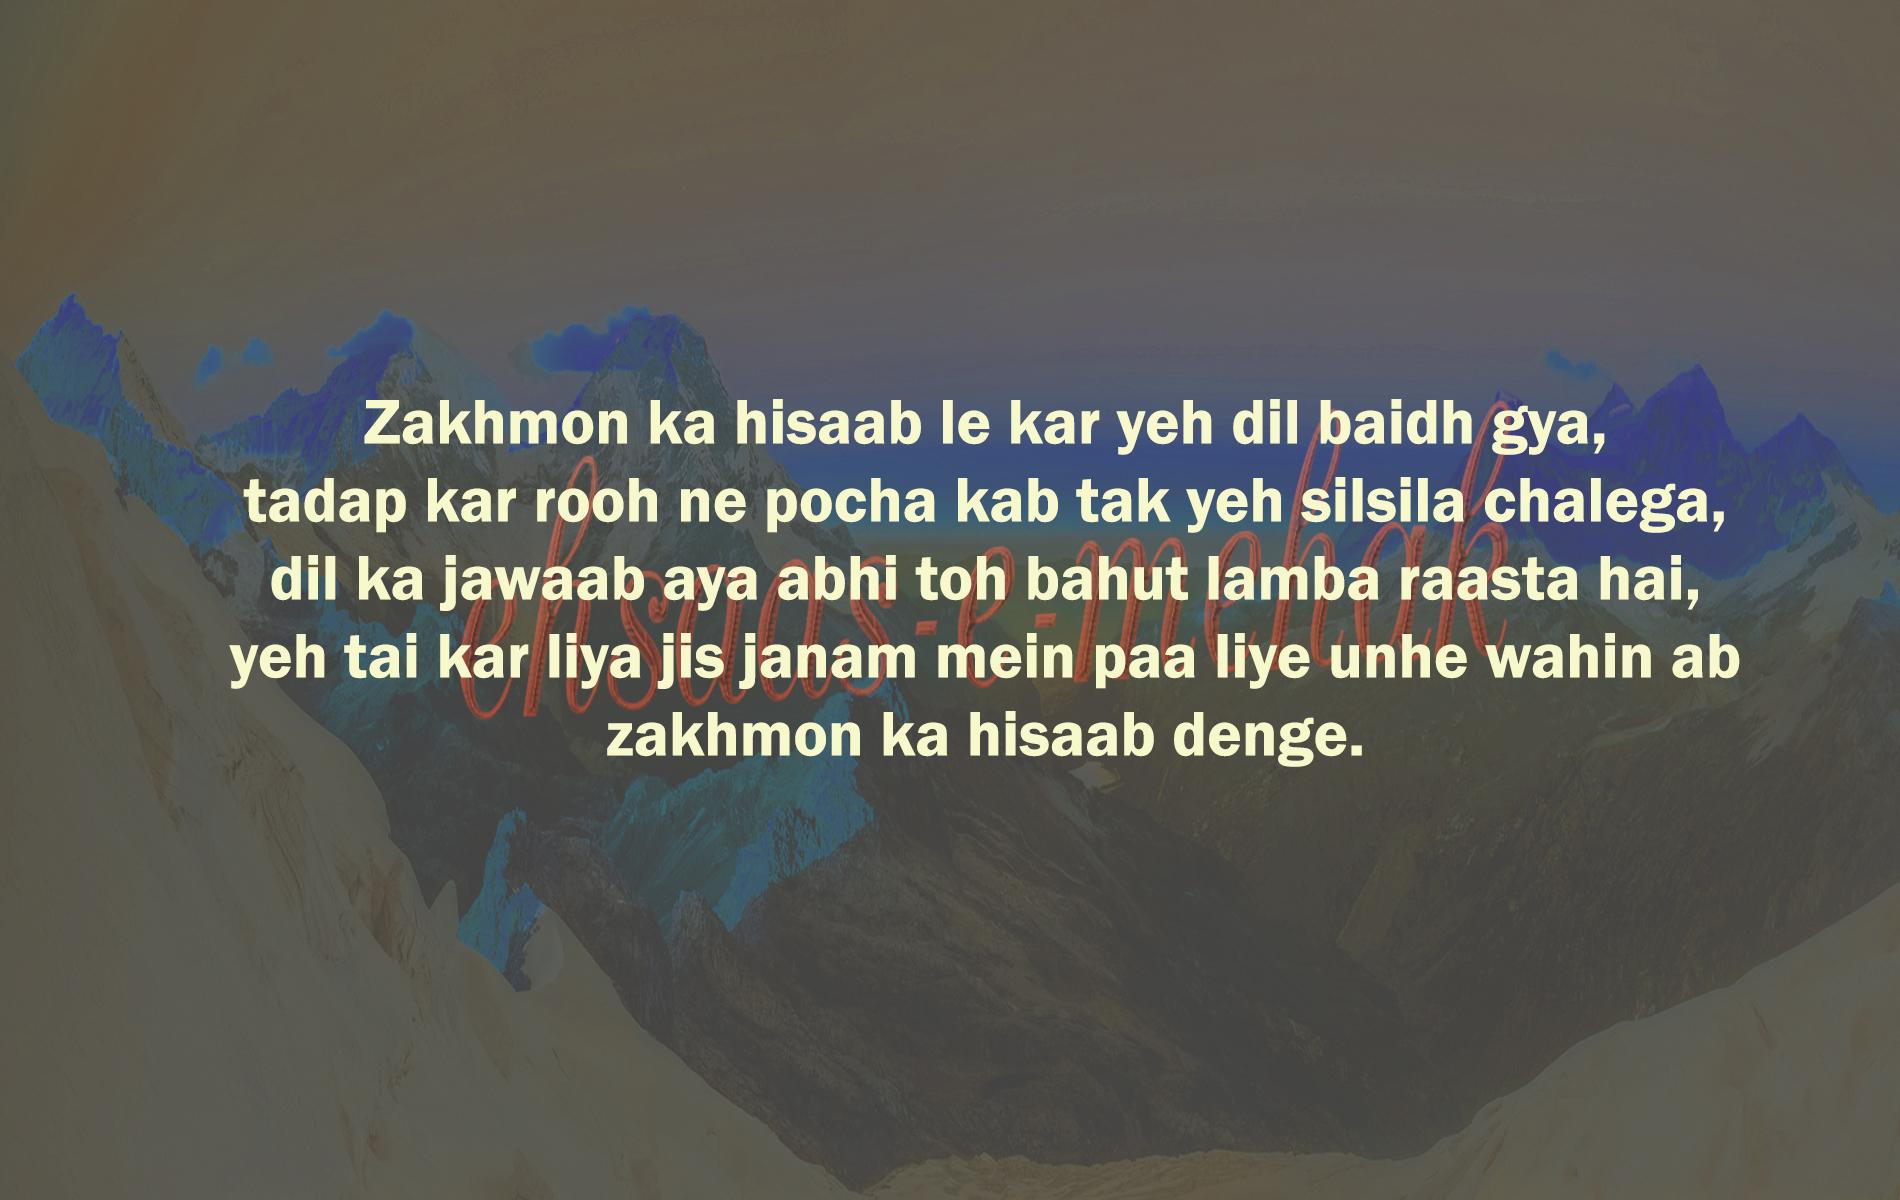 Zakhmon ka hisaab le kar